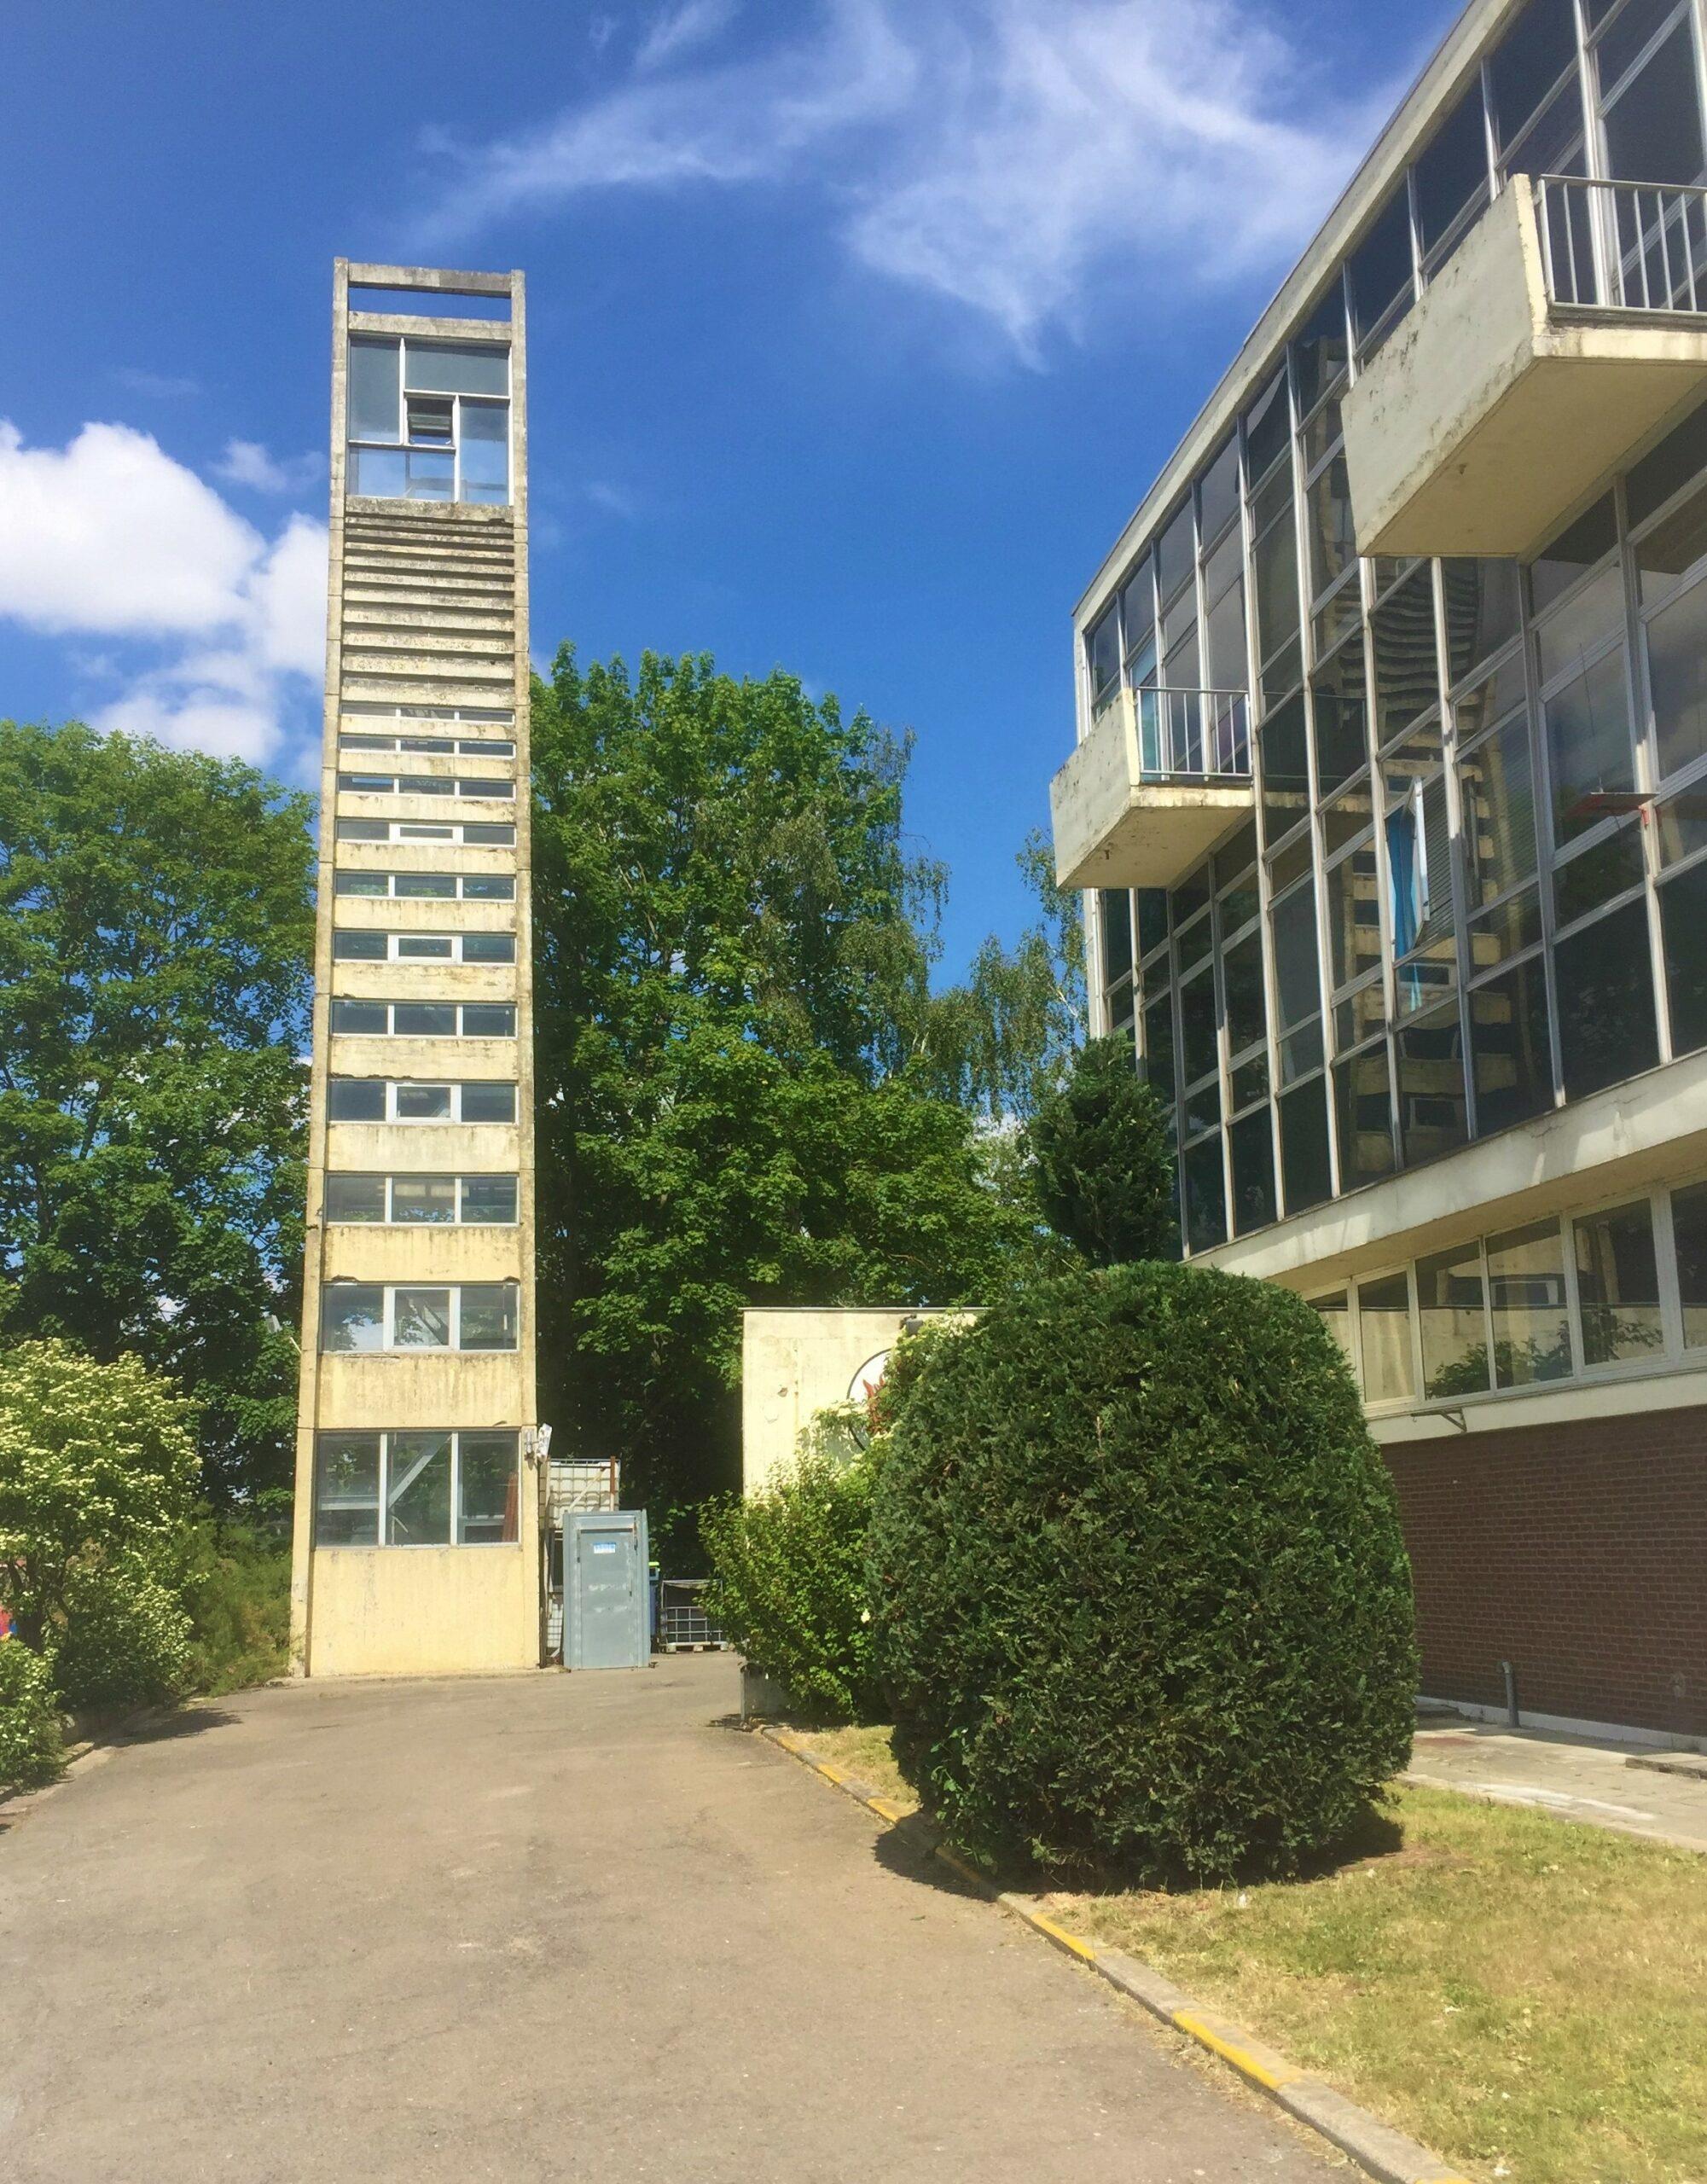 De brandweertoren van Tubize is de mooiste toren van België.